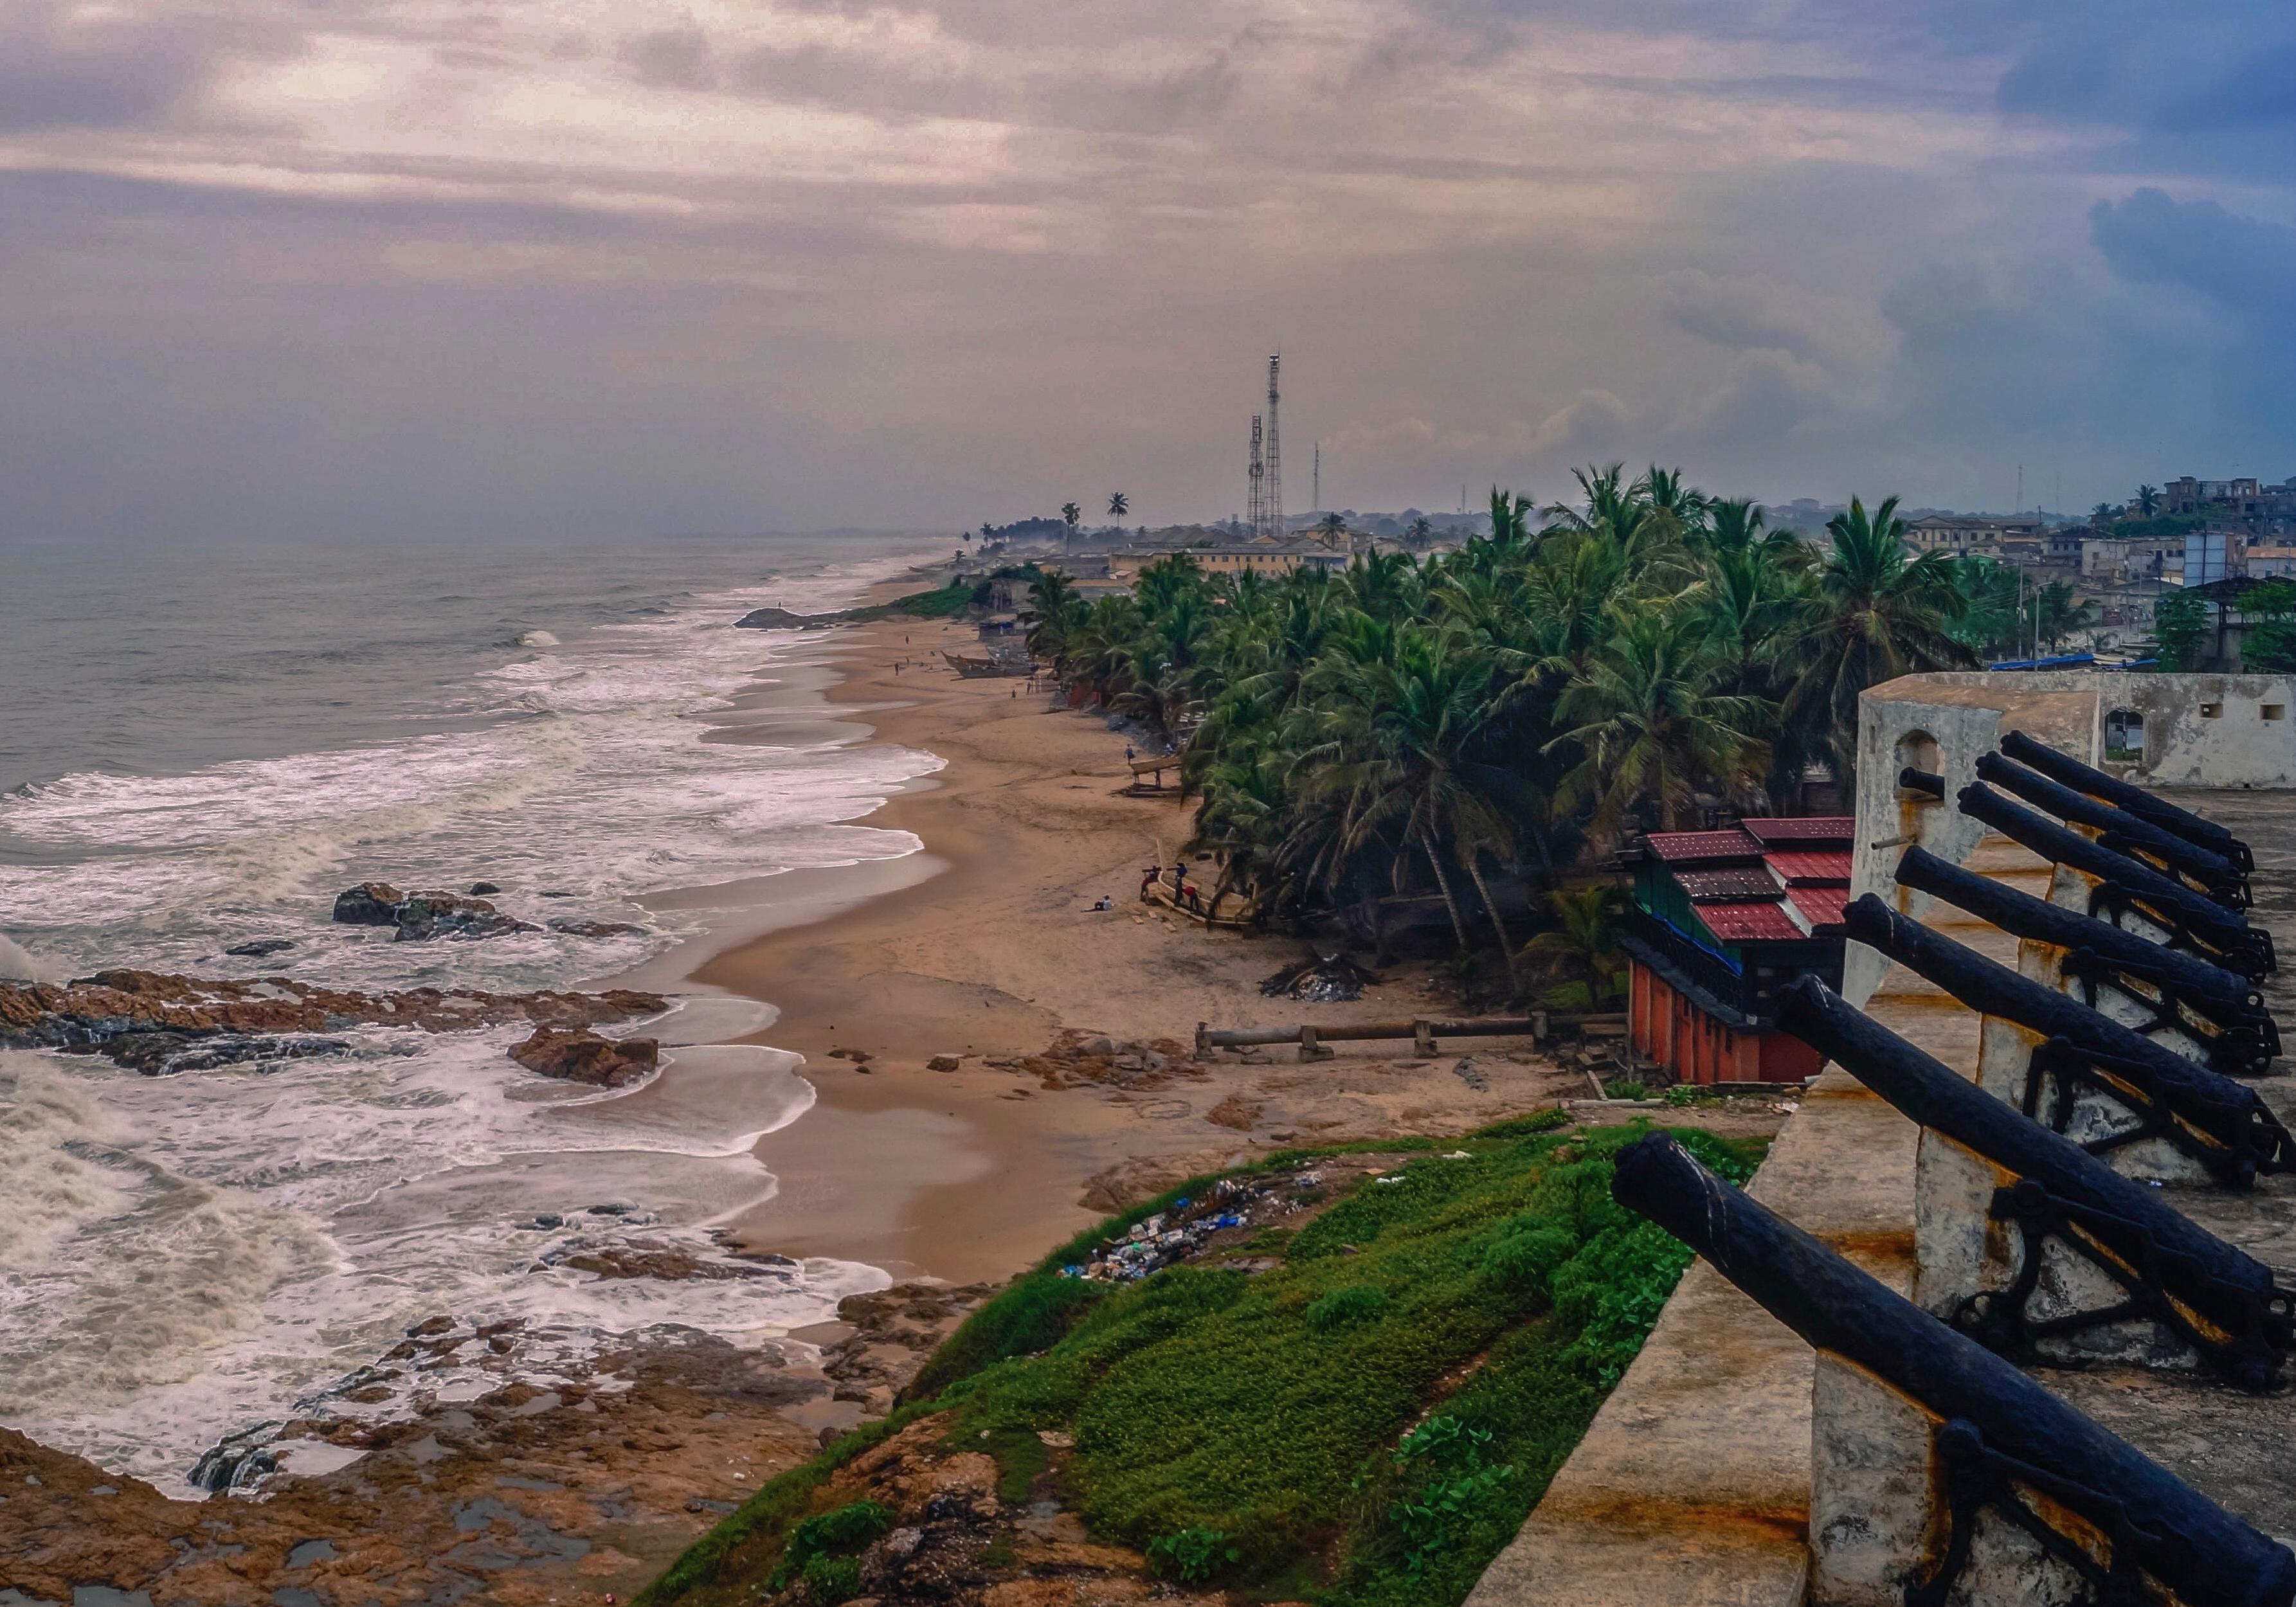 Cape Coast, Atlantic Ocean, Ghana